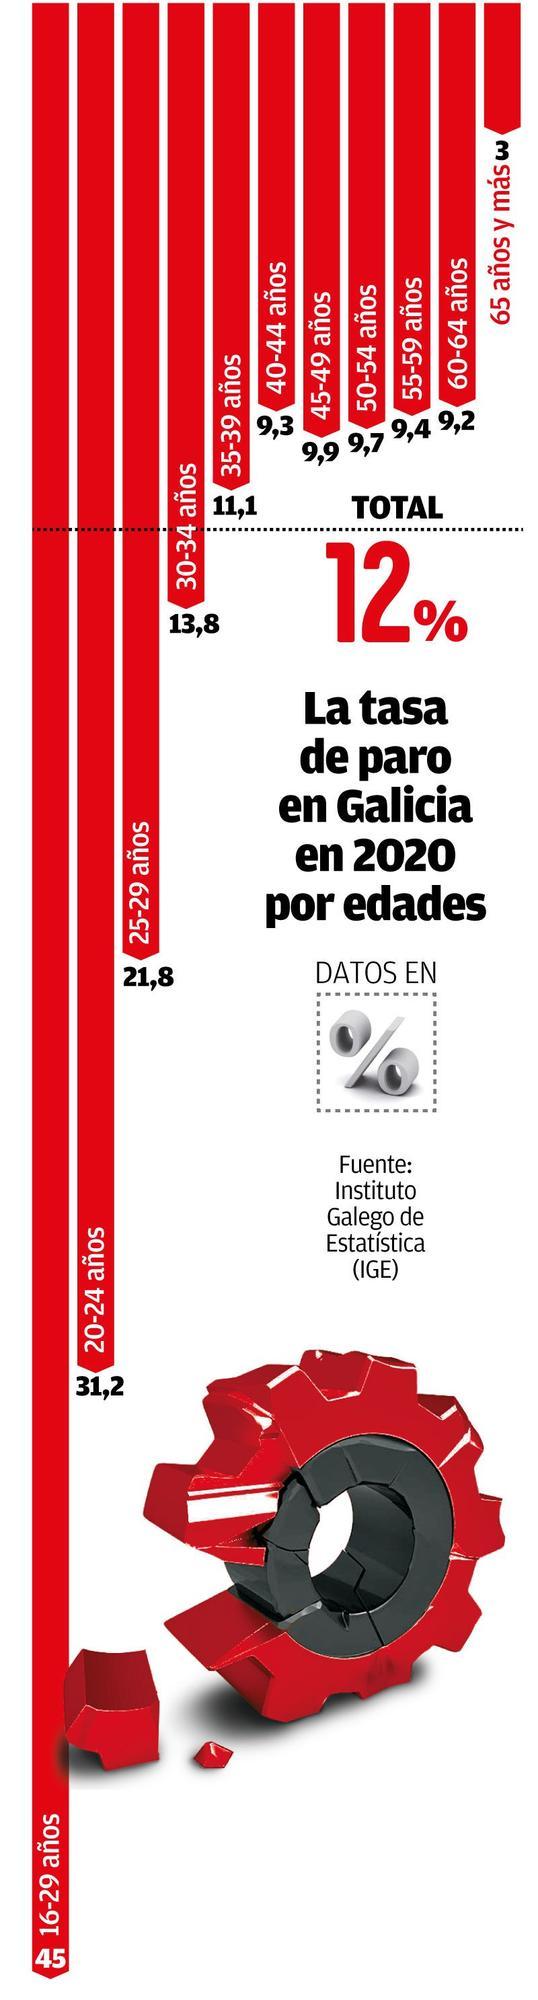 Tasas de paro en Galicia por edades en 2020. // Simón Espinosa